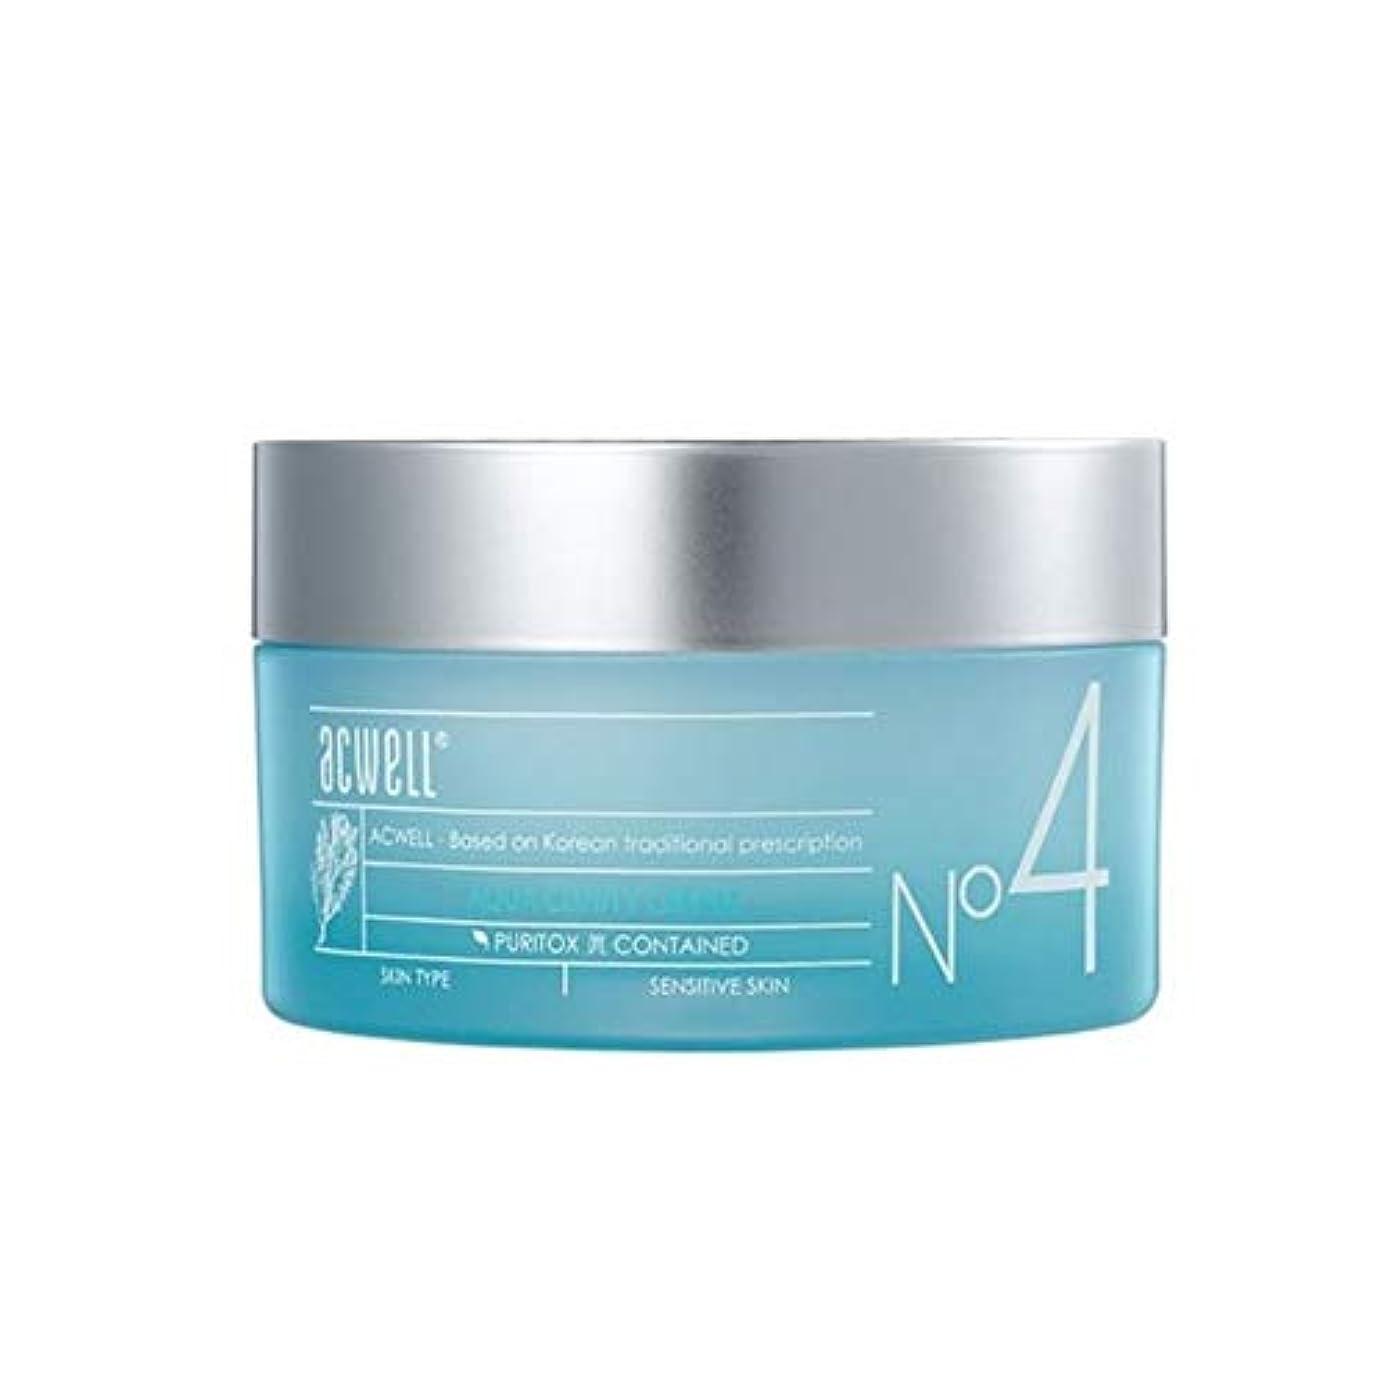 寄生虫不和スリムアークウェルアクアクリニティクリーム50ml韓国コスメ、Acwell Aqua Clinity Cream 50ml Korean Cosmetics [並行輸入品]